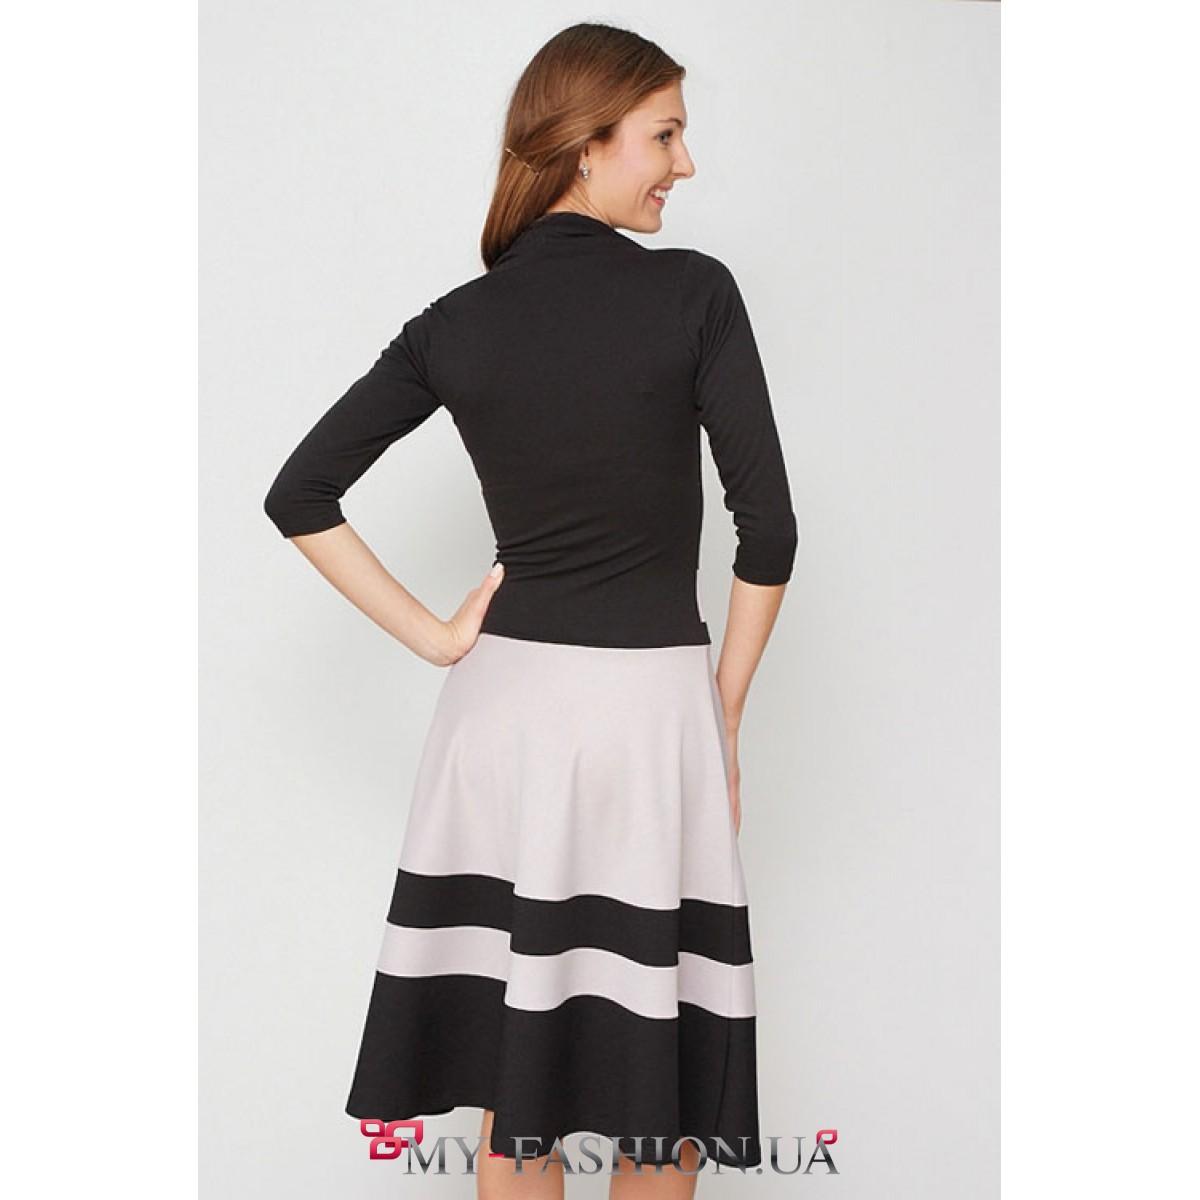 Купить Платье Трикотажное Короткое Платье